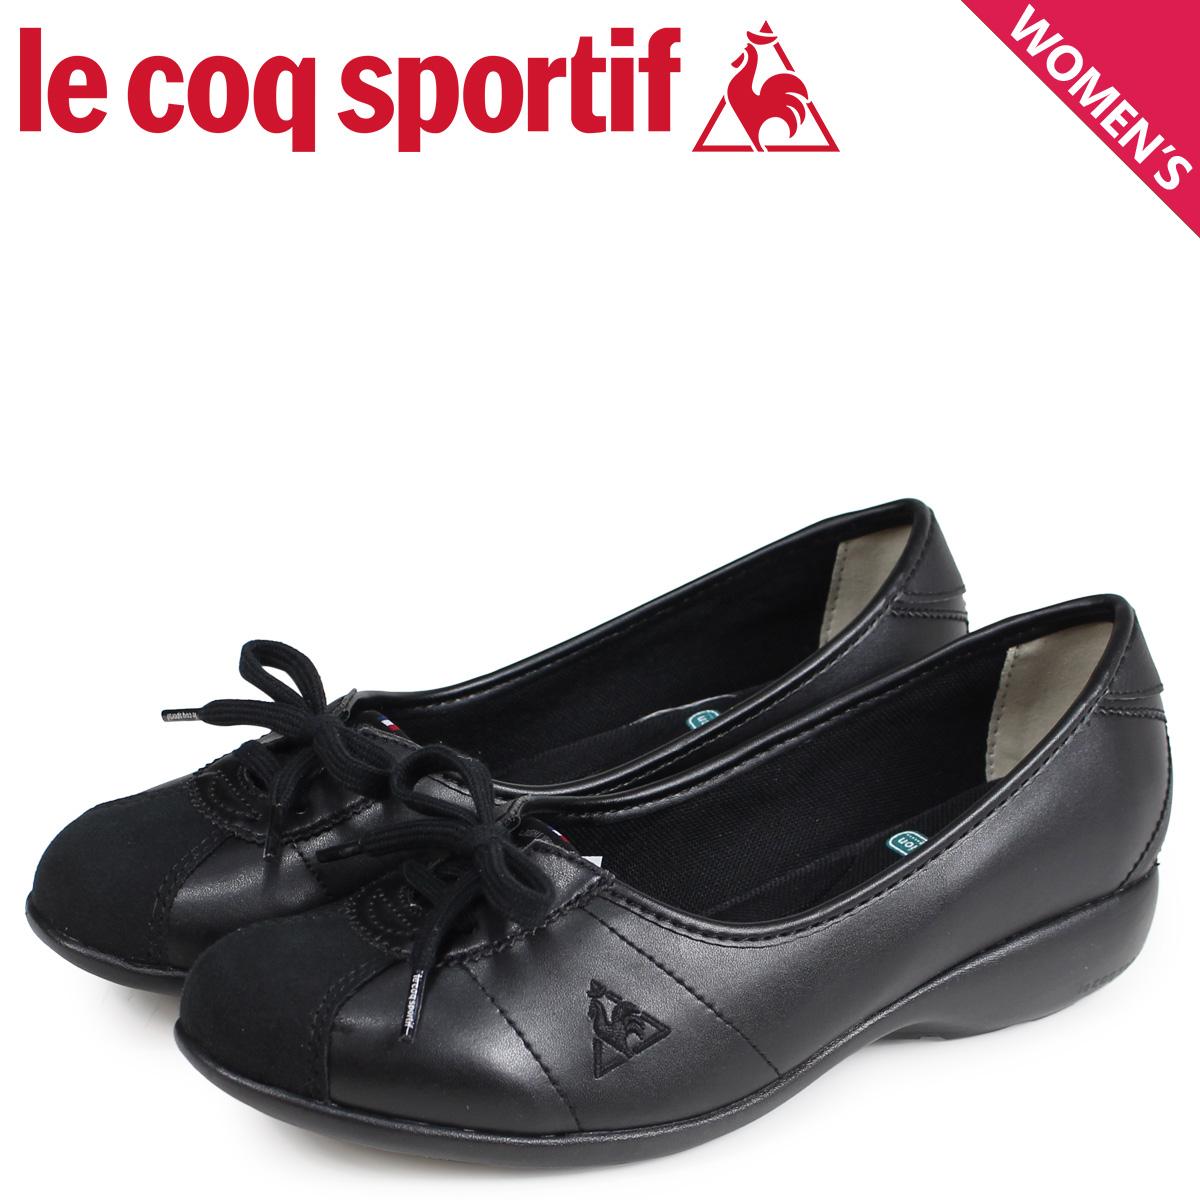 geweldige prijs kortingsbon loop schoenen le coq sportif Le Coq Sportif shoes 2, Montpellier Lady's MONTPELLIER 2 WD  black black QL3MJC67BK